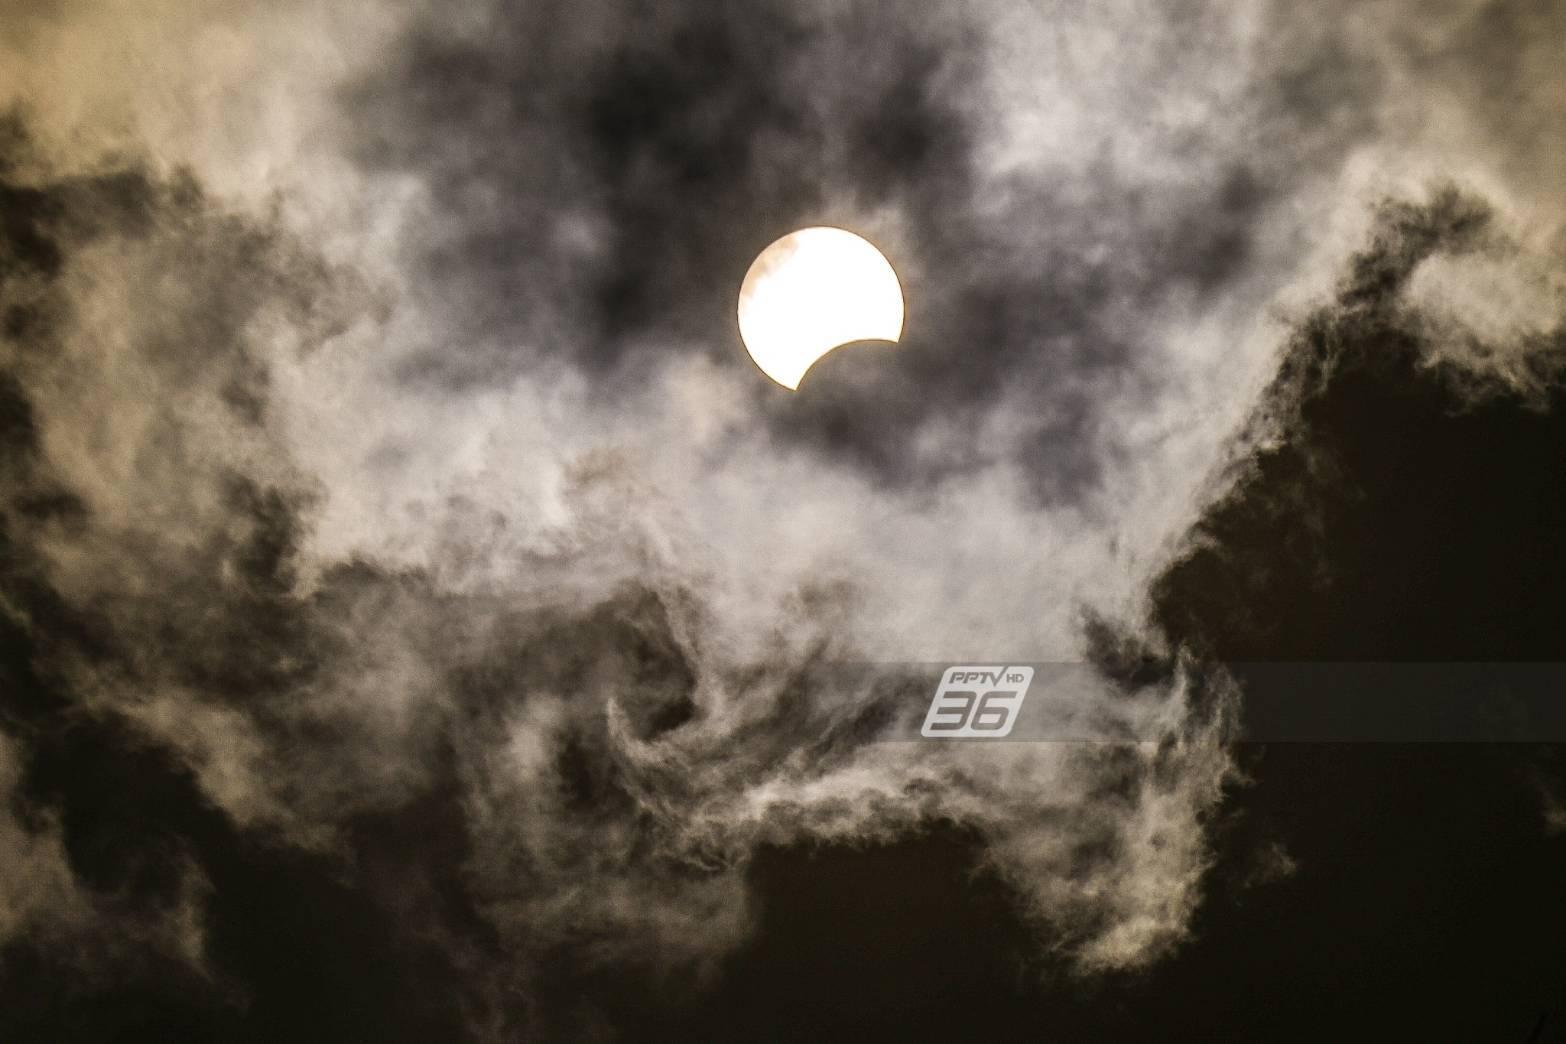 """รวมภาพ 21 มิ.ย. คำทำนายวันสิ้นโลก ปรากฏการณ์  """"สุริยคราส"""" ราหูอมพระอาทิตย์"""